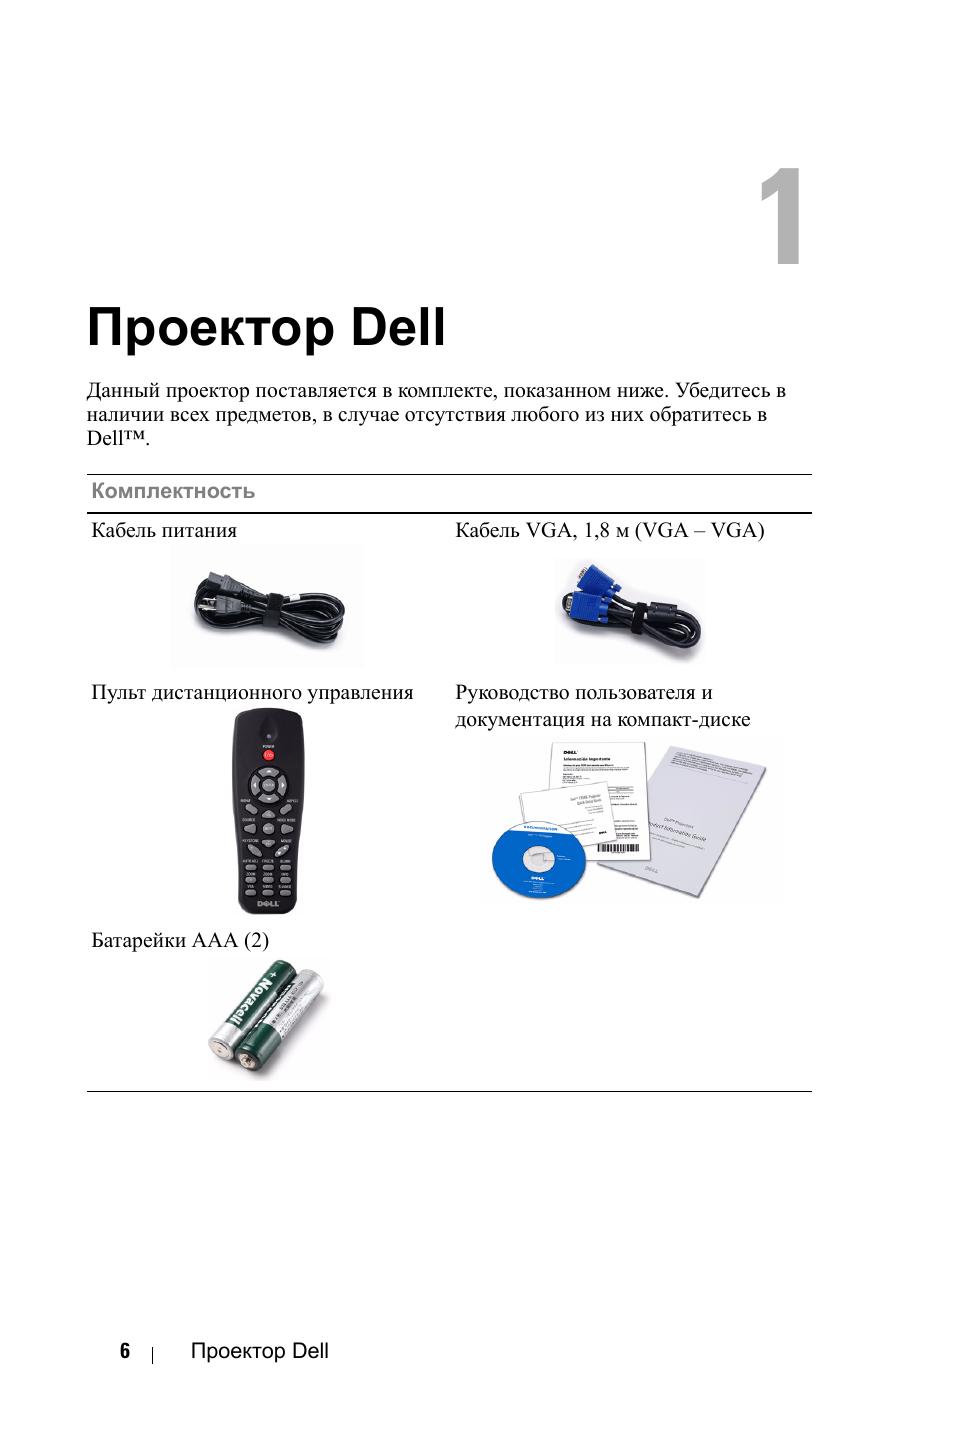 Инструкция по эксплуатации проектора